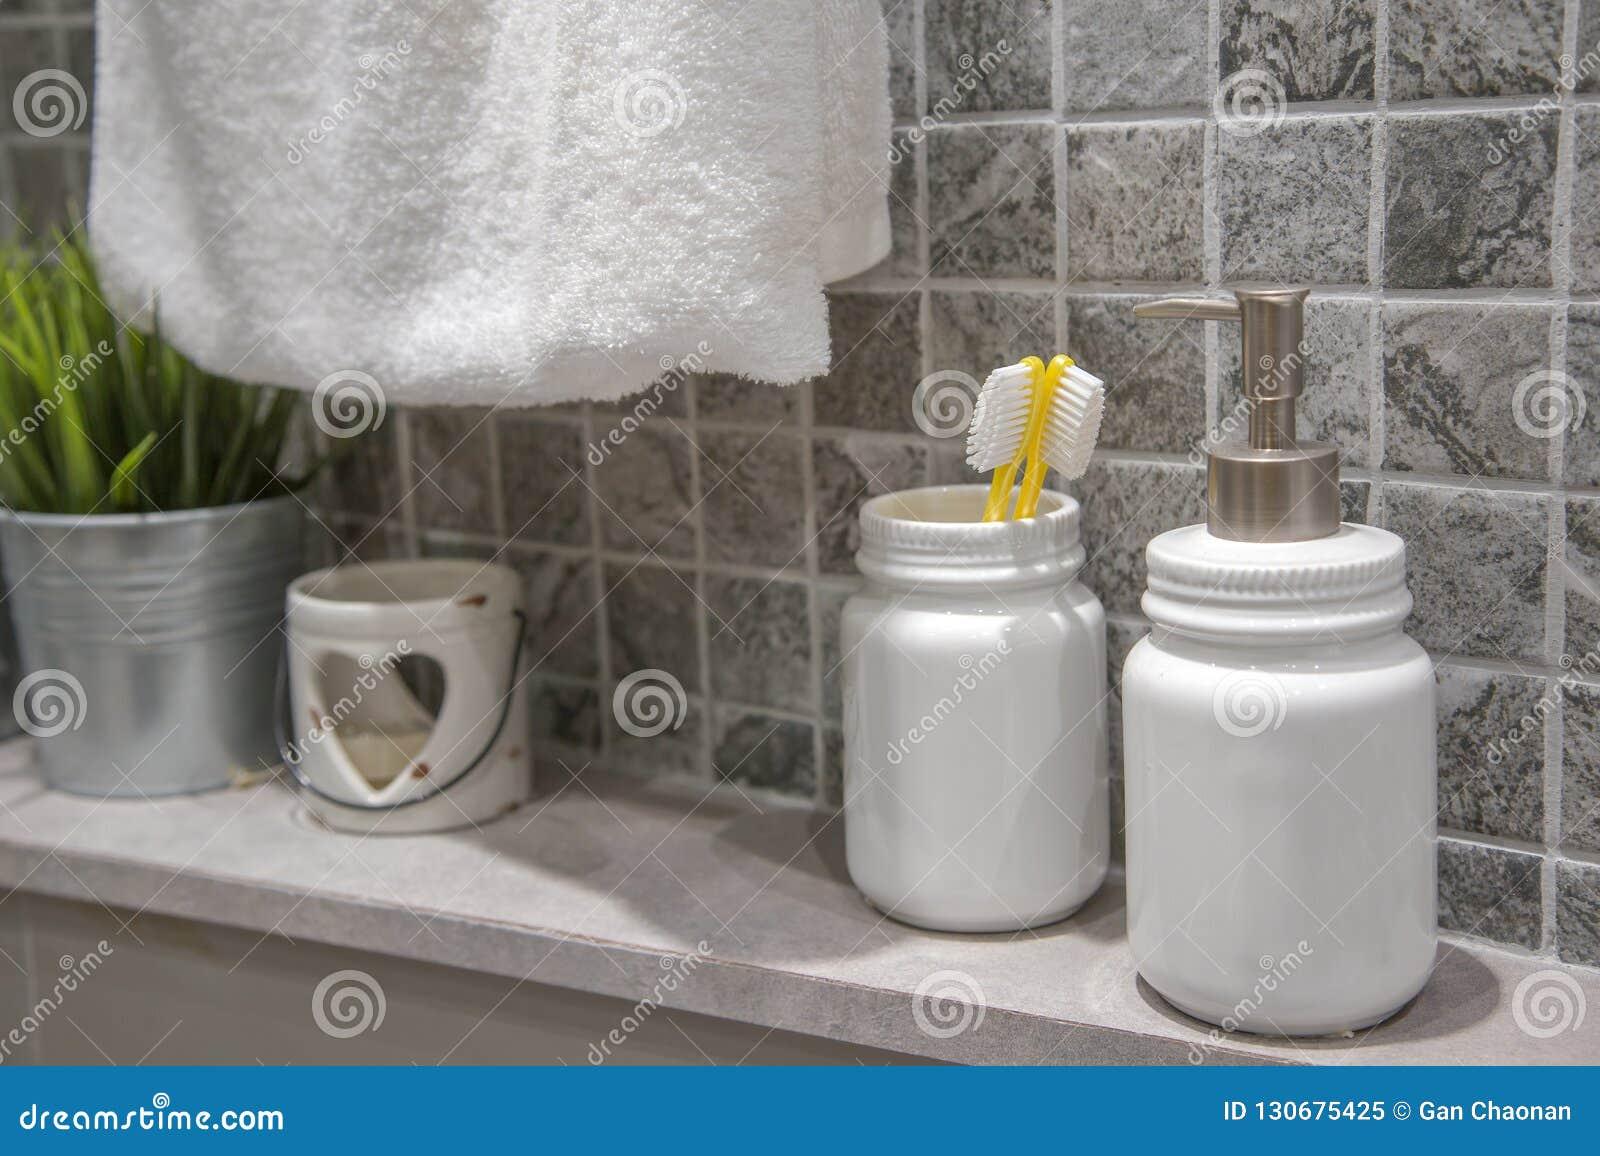 A escova de dentes amarela está no frasco branco no banheiro,